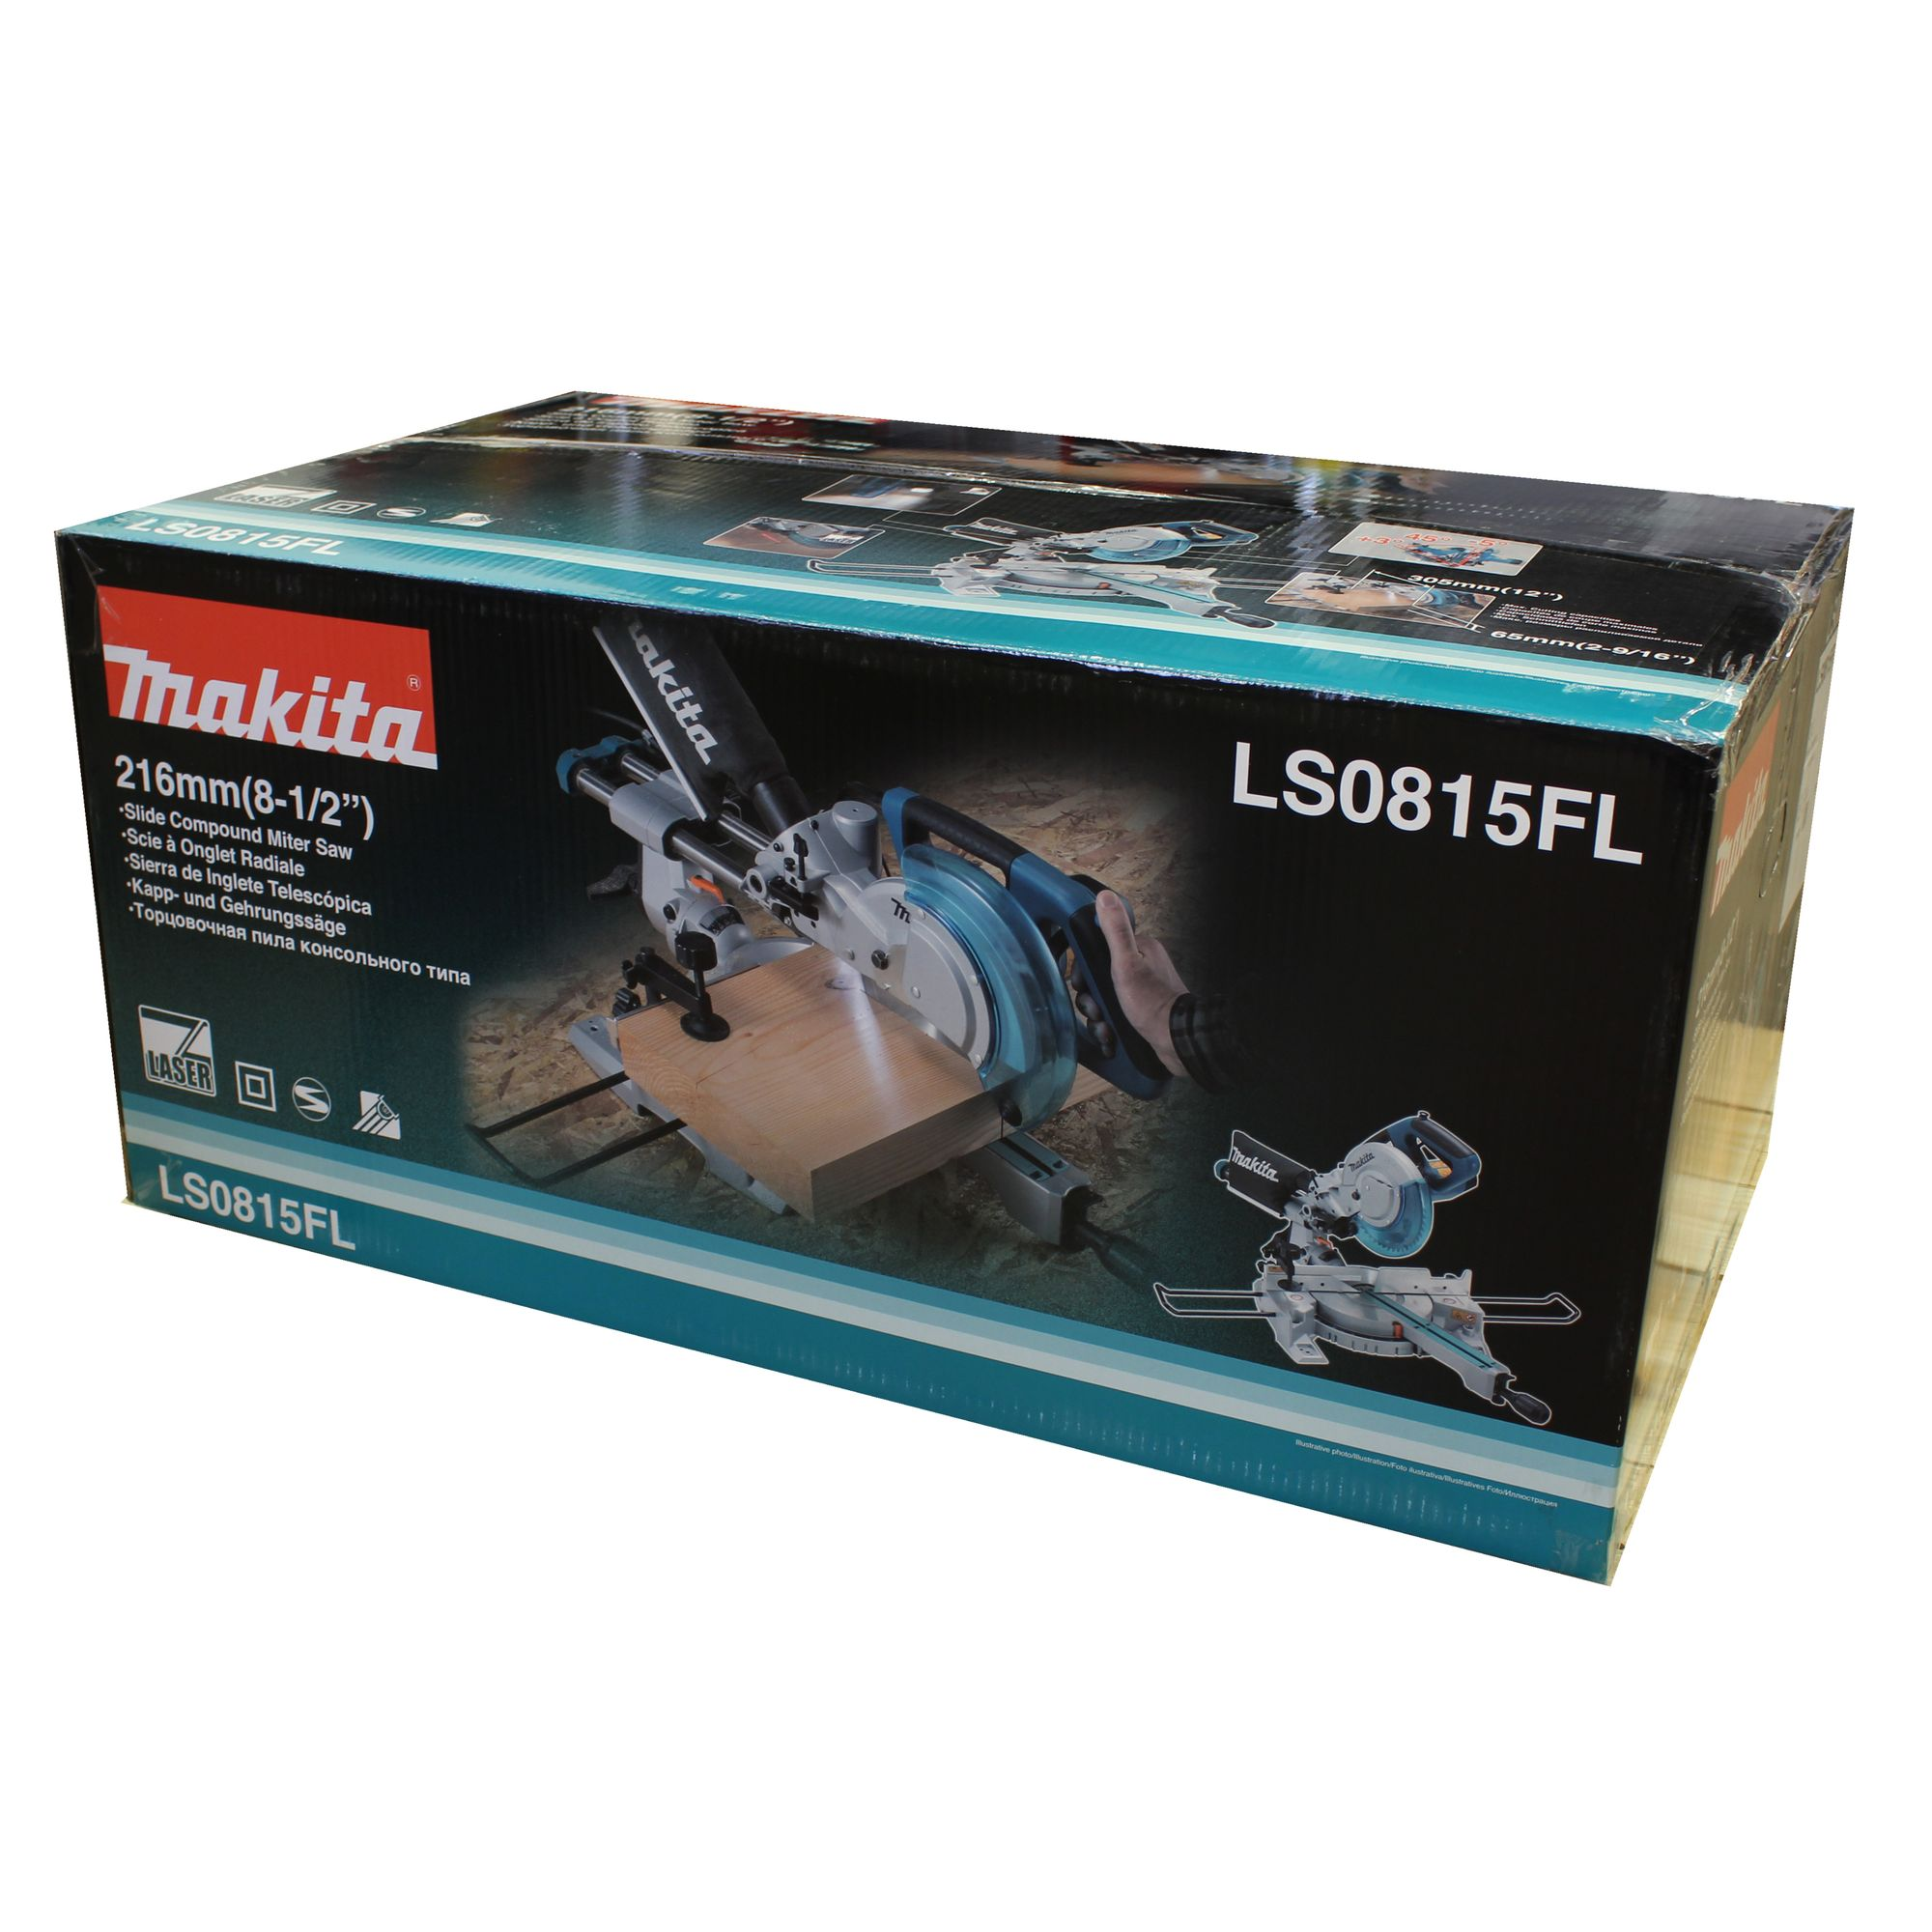 makita ls0815fl laser kapps ge und gehrungss ge 216mm mit zugfunktion ebay. Black Bedroom Furniture Sets. Home Design Ideas